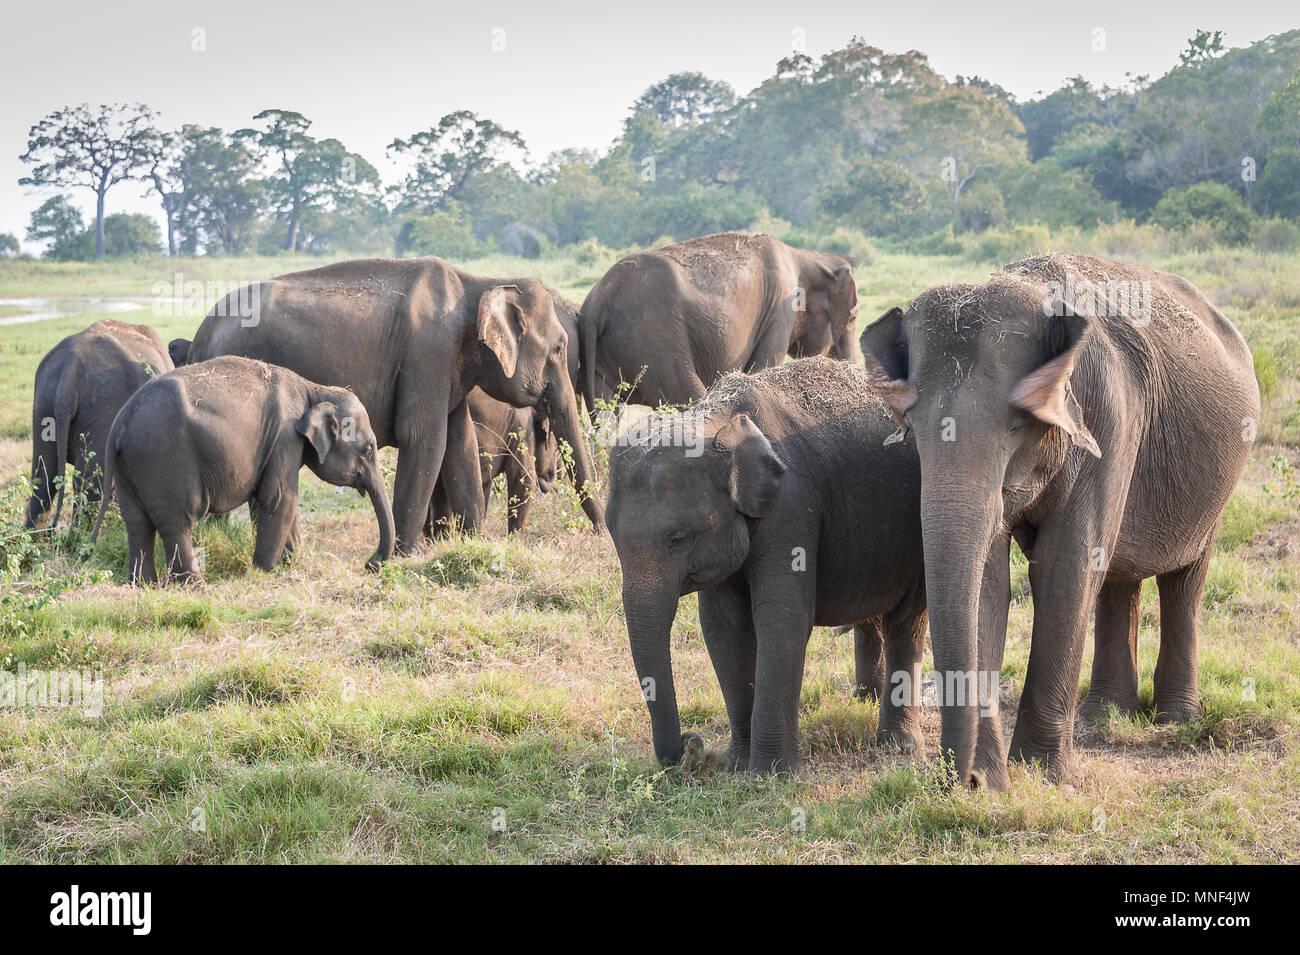 Manada de elefantes indios (Elephas maximus) pastan en los prados en Minerriya National Park, Sri Lanka. Sunset pacífica escena en un paisaje verde Imagen De Stock